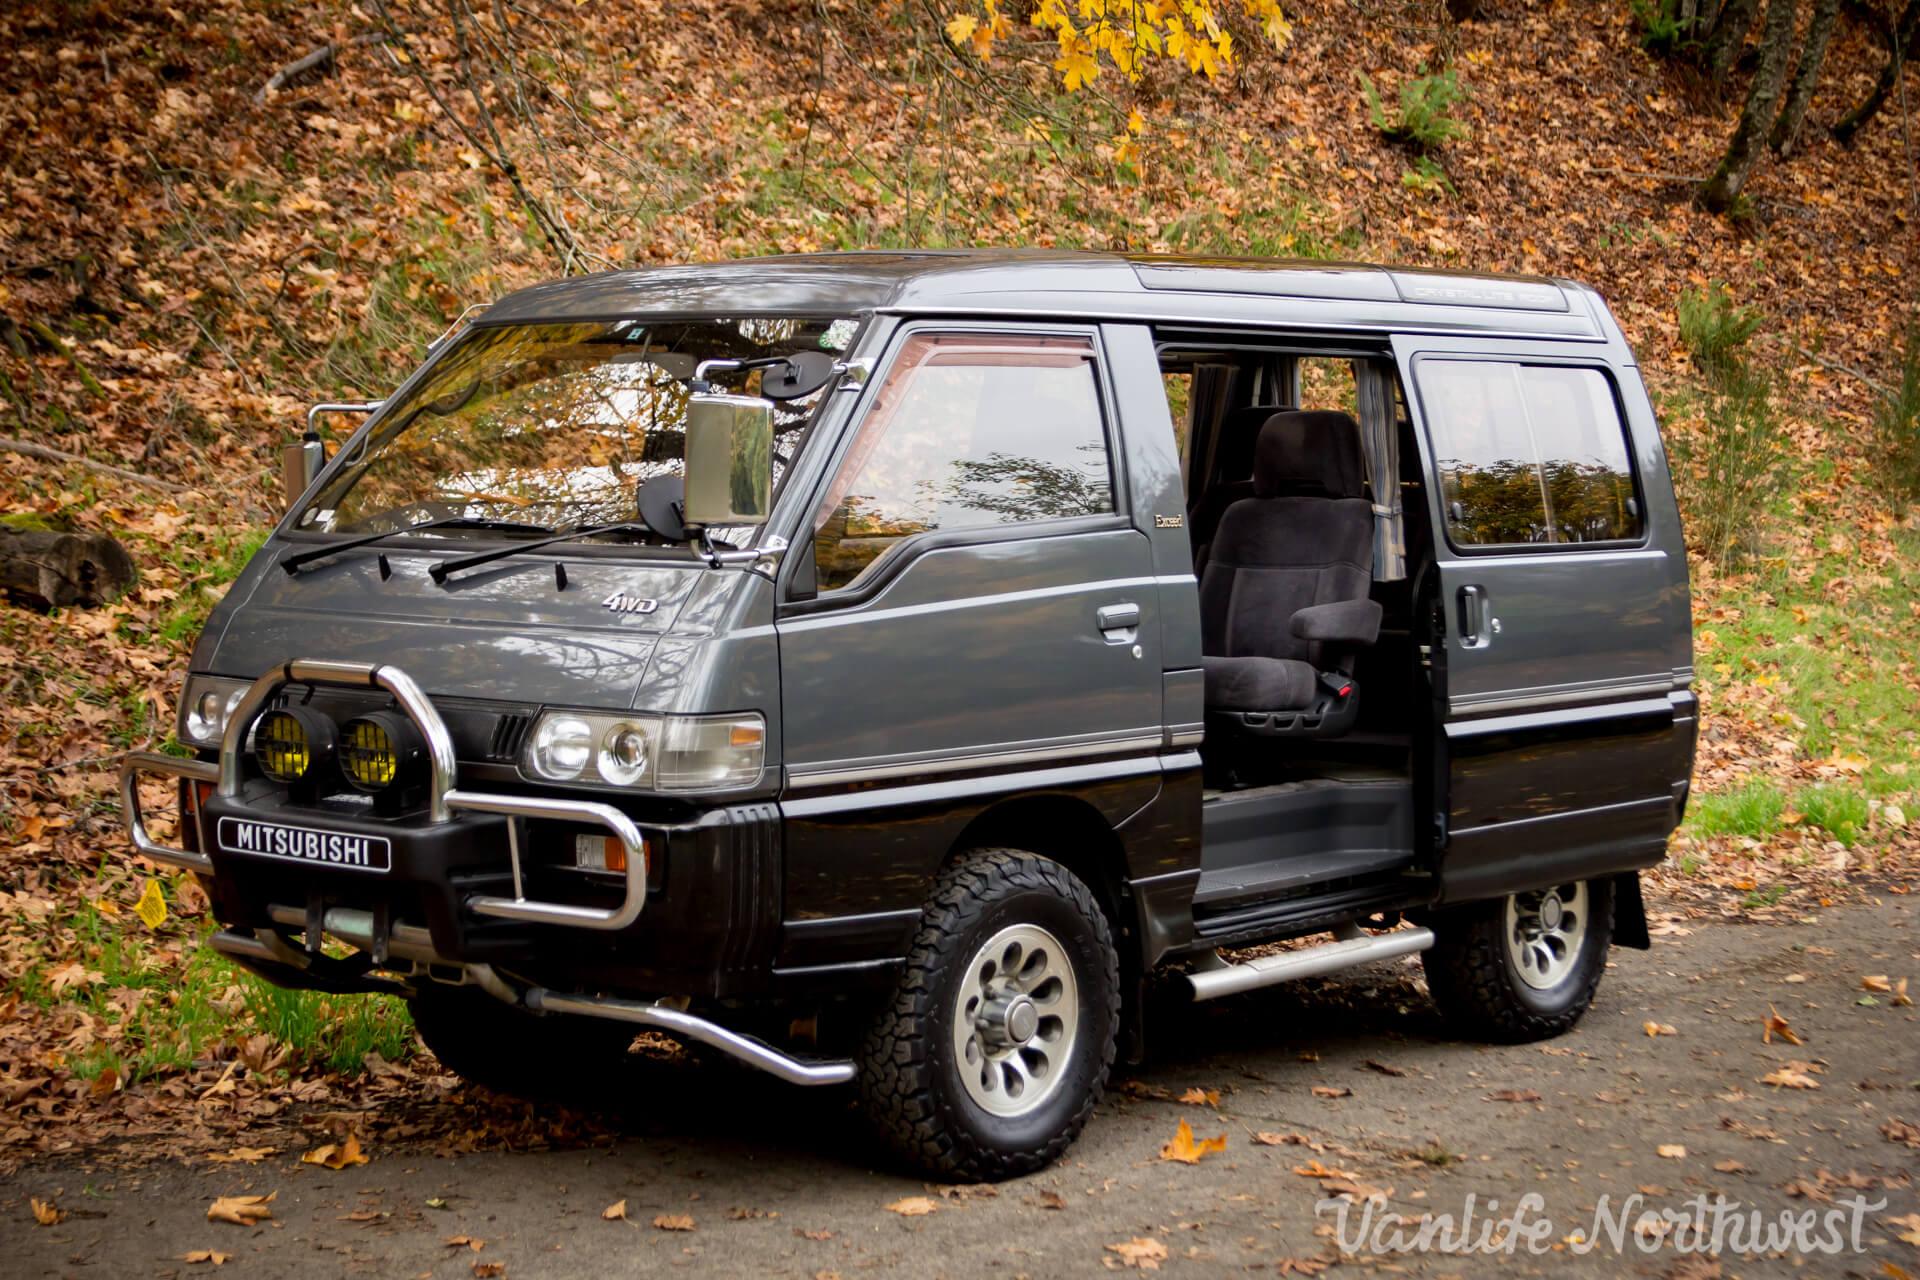 1993MitsubishiDelicaL300GasolineManualCrystalitePaulC-29.jpg